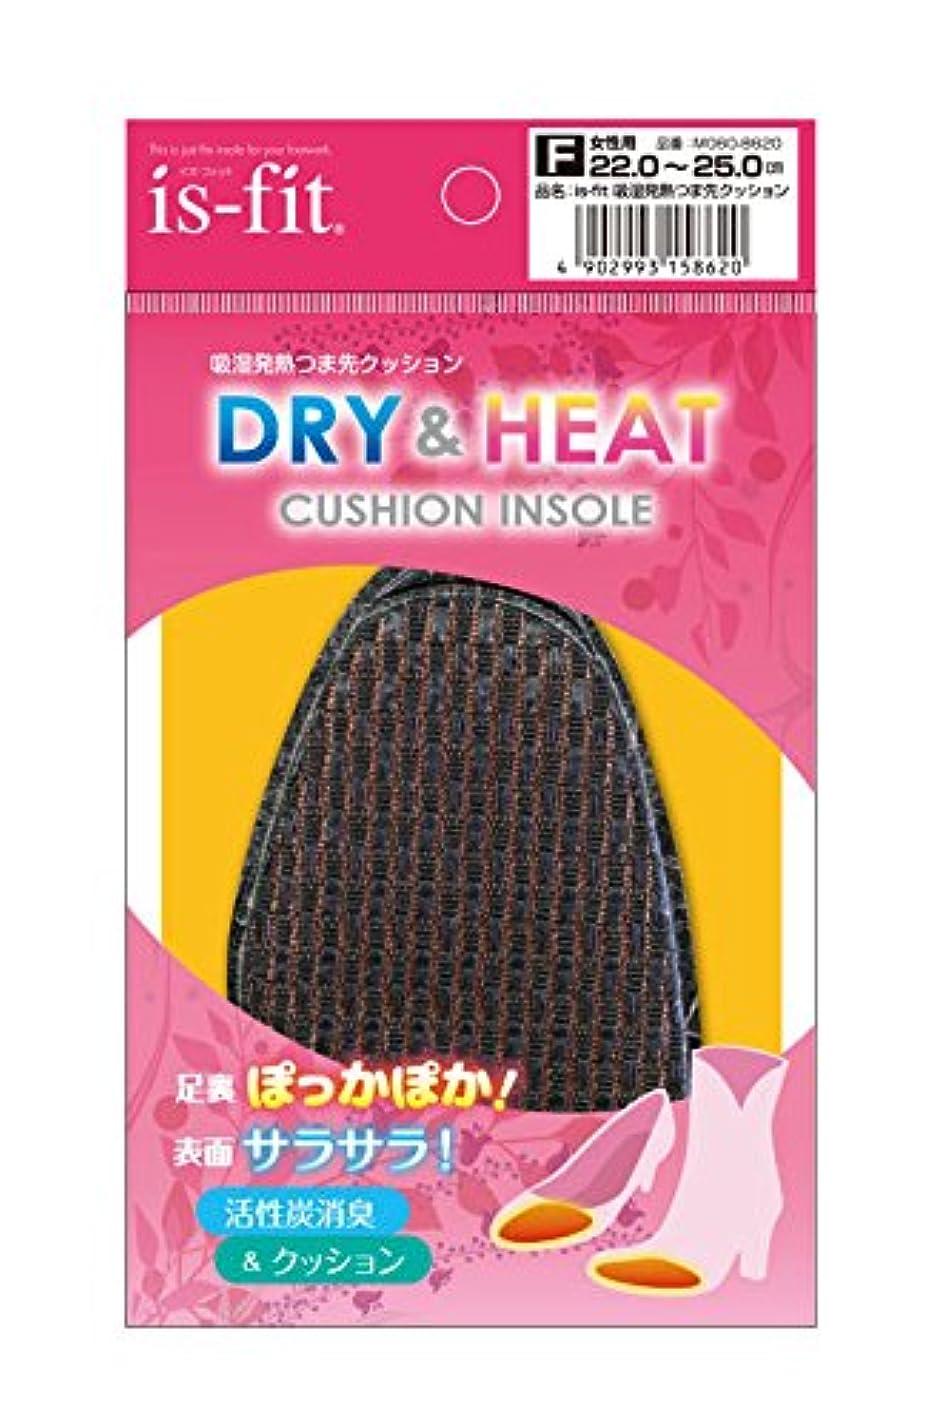 スクランブル断線元気なis-fit(イズフィット) 吸湿発熱つま先クッション 女性用 フリー(22.0cm-25.0cm) ブラック